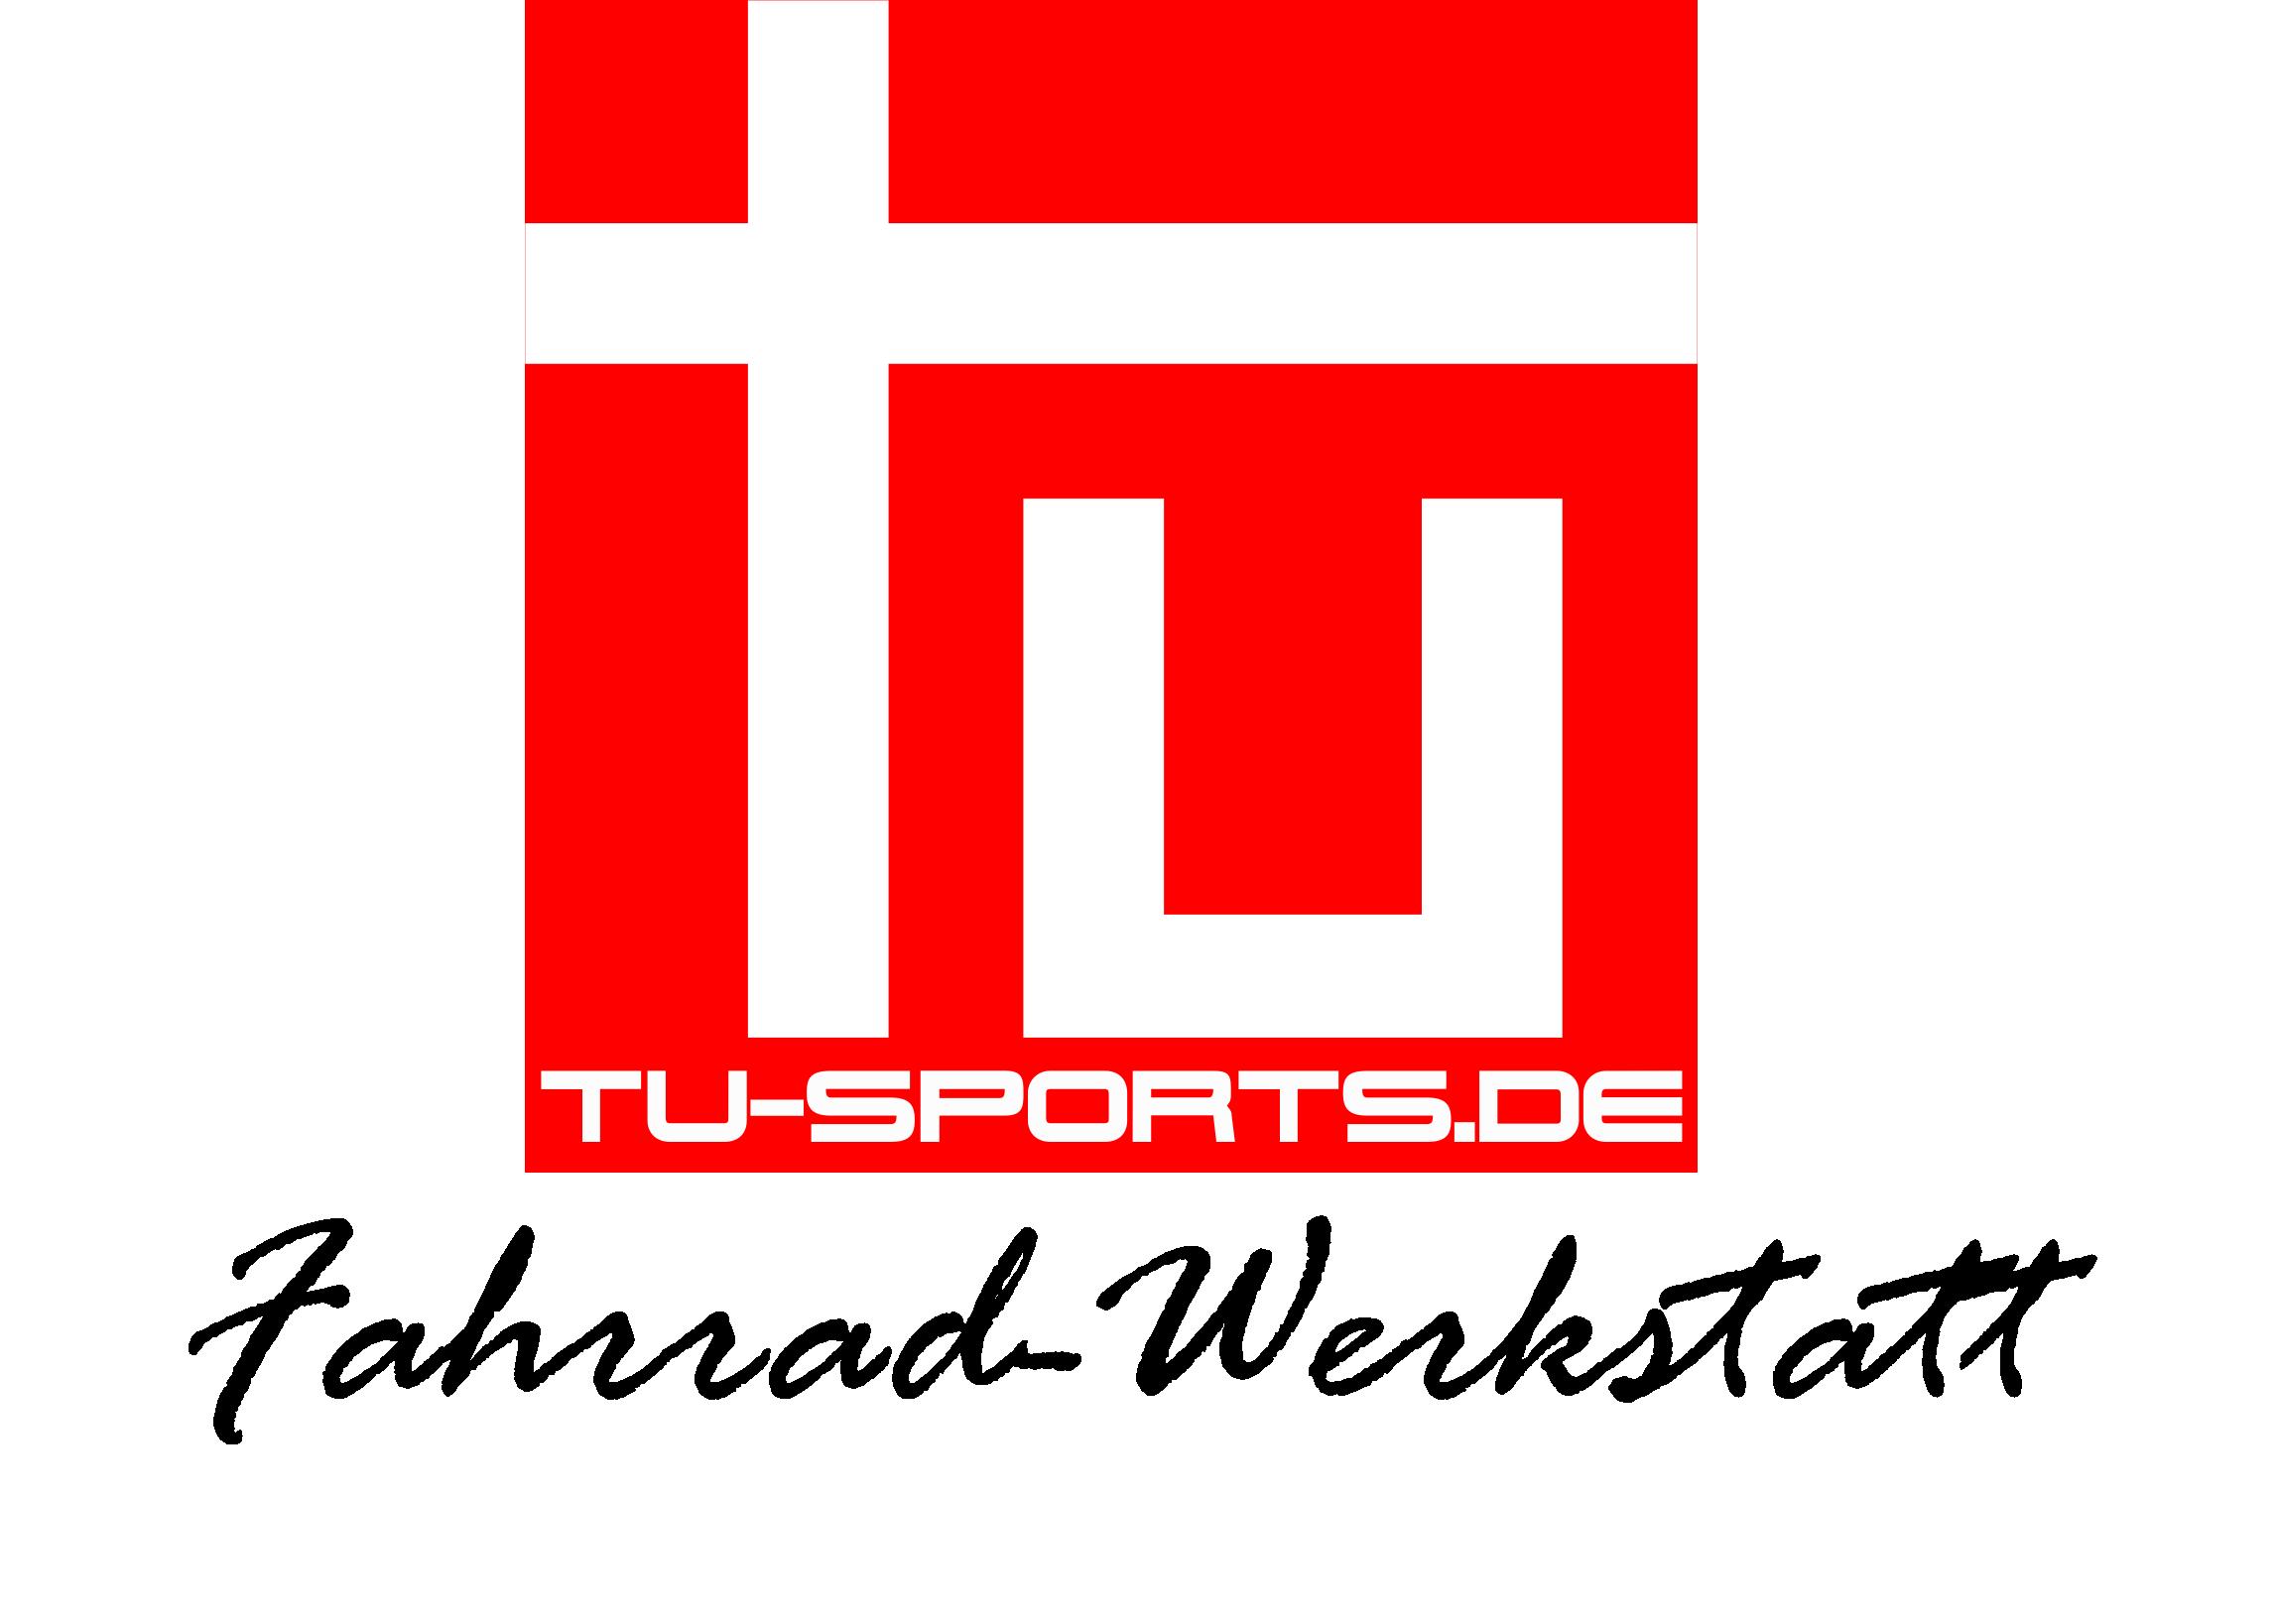 Logo TU-Sports Fahrrad-Werkstatt PNG